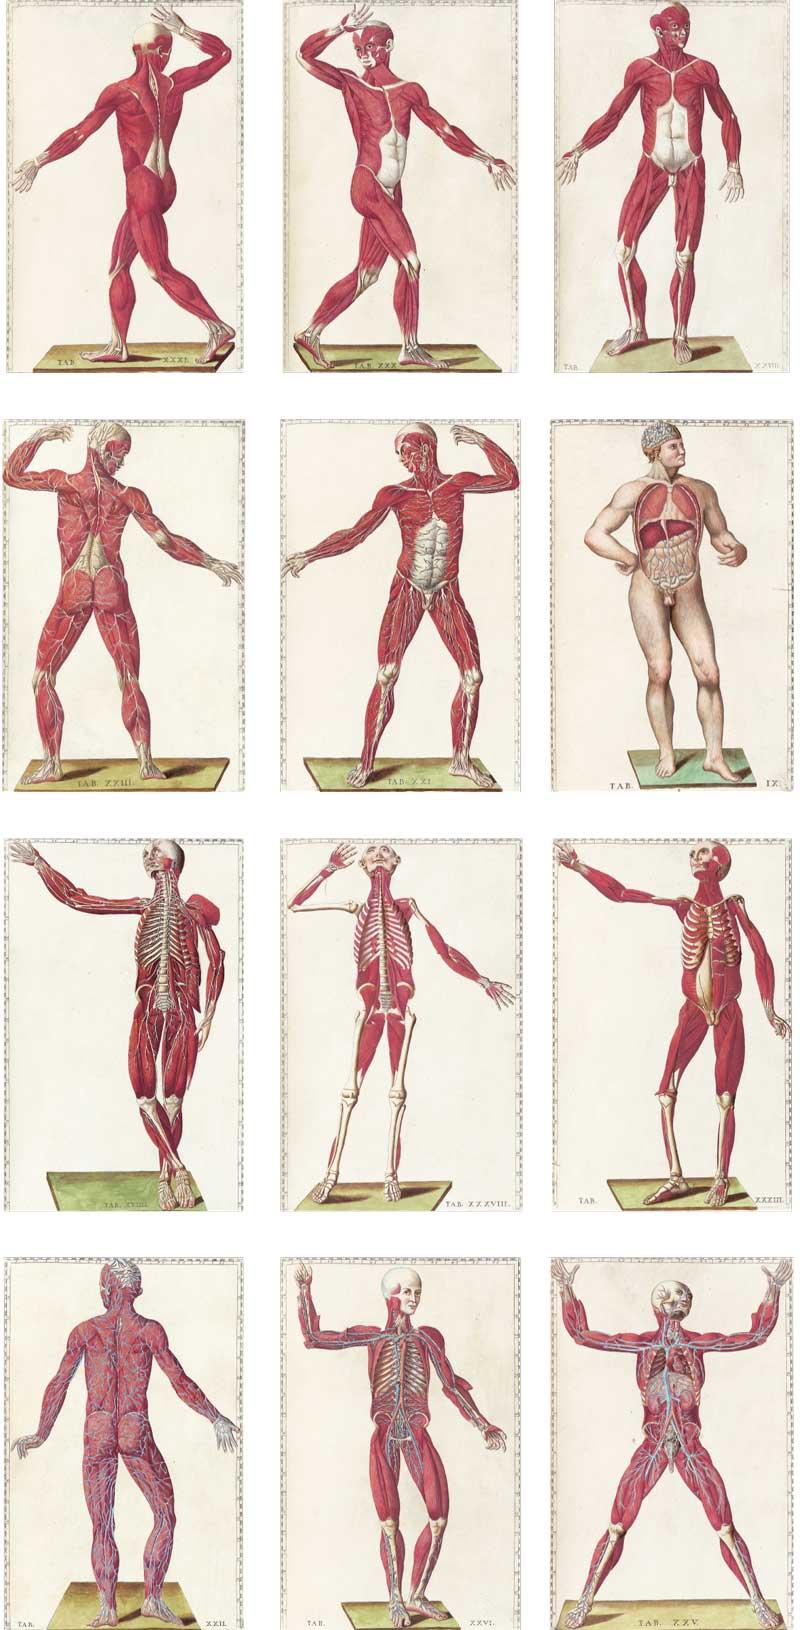 Eustachi's Tabulae anatomicae